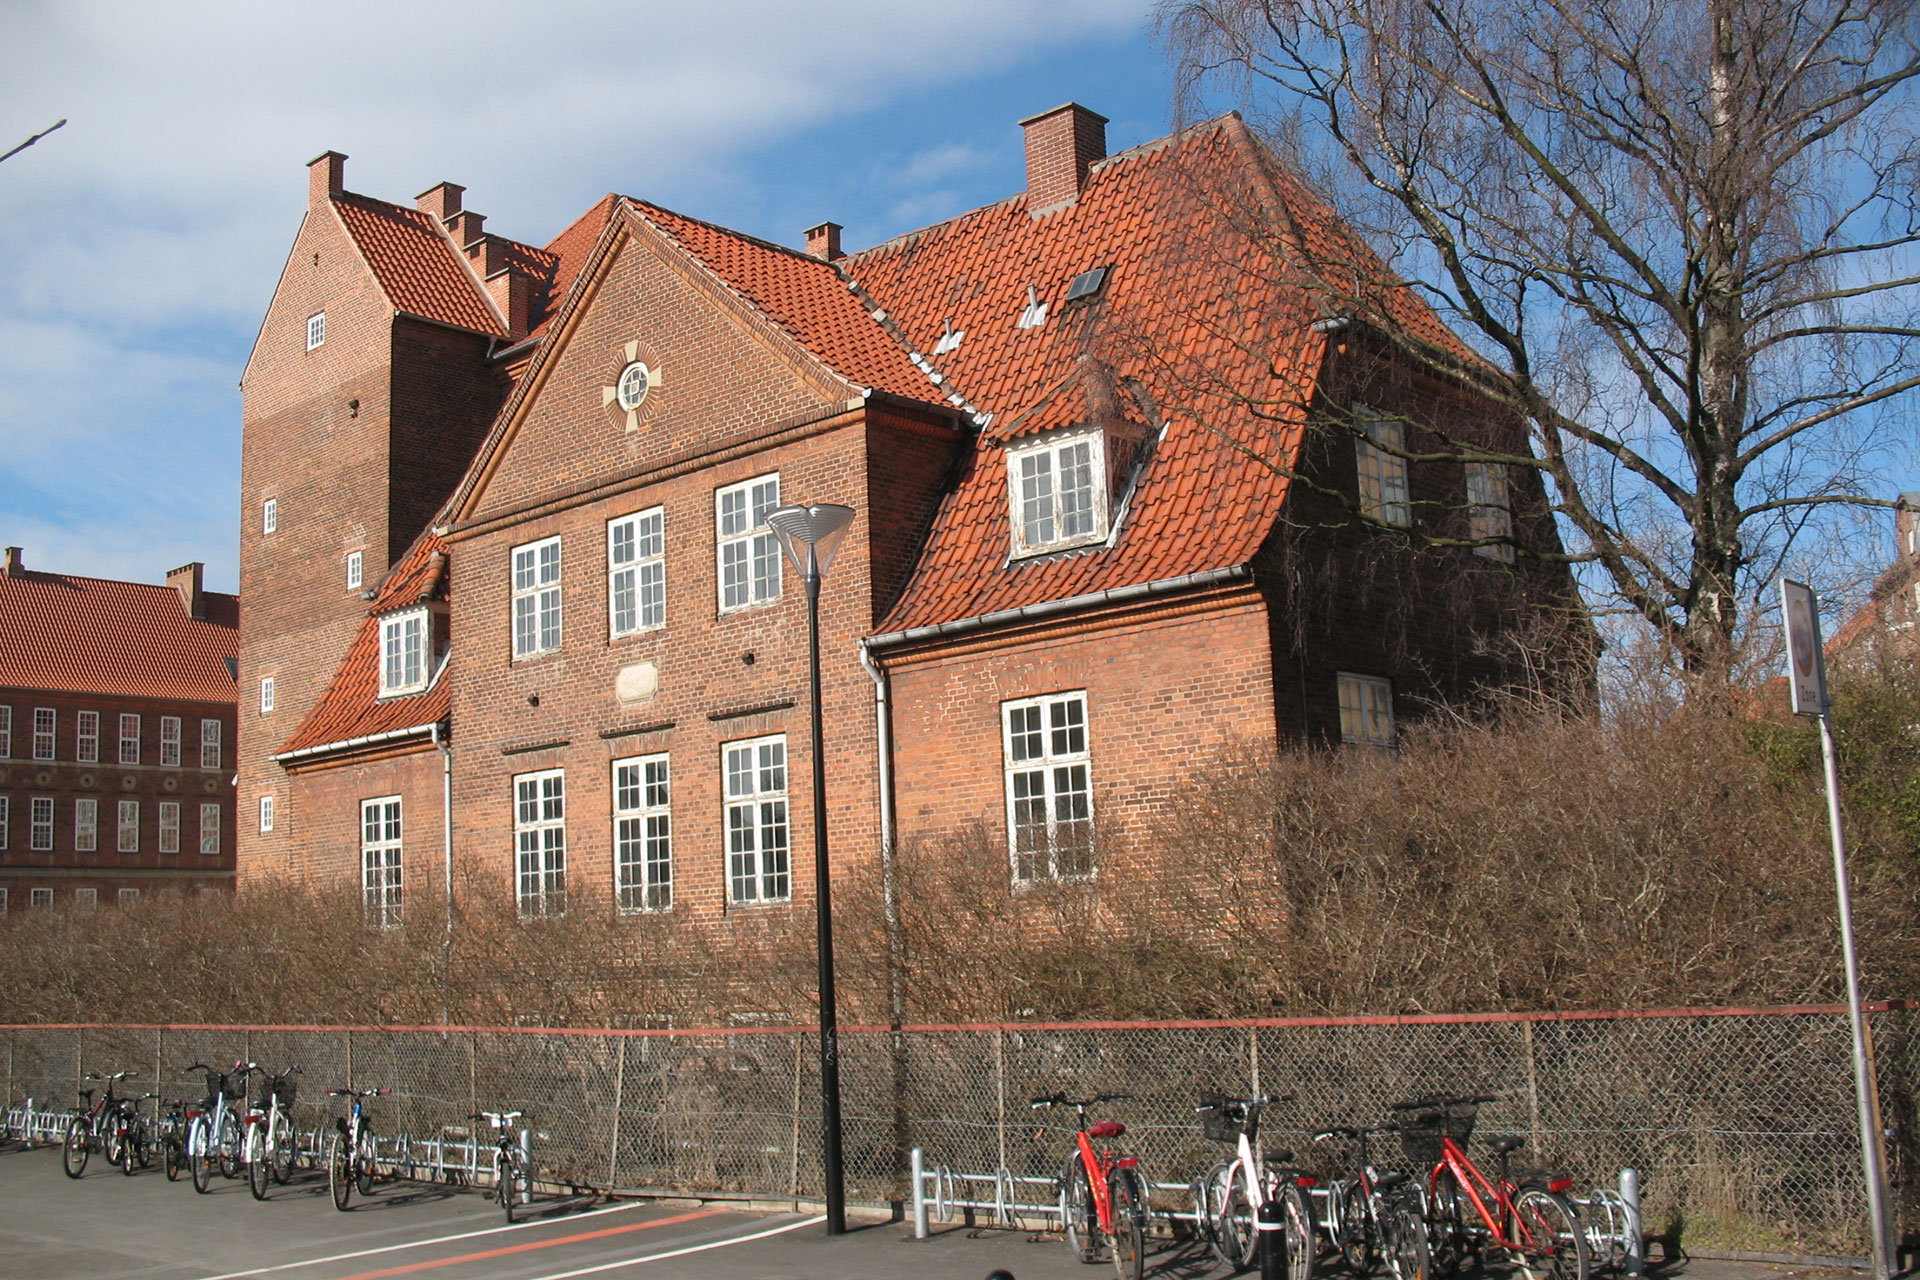 Amager Fælled Skole - Kbh. S